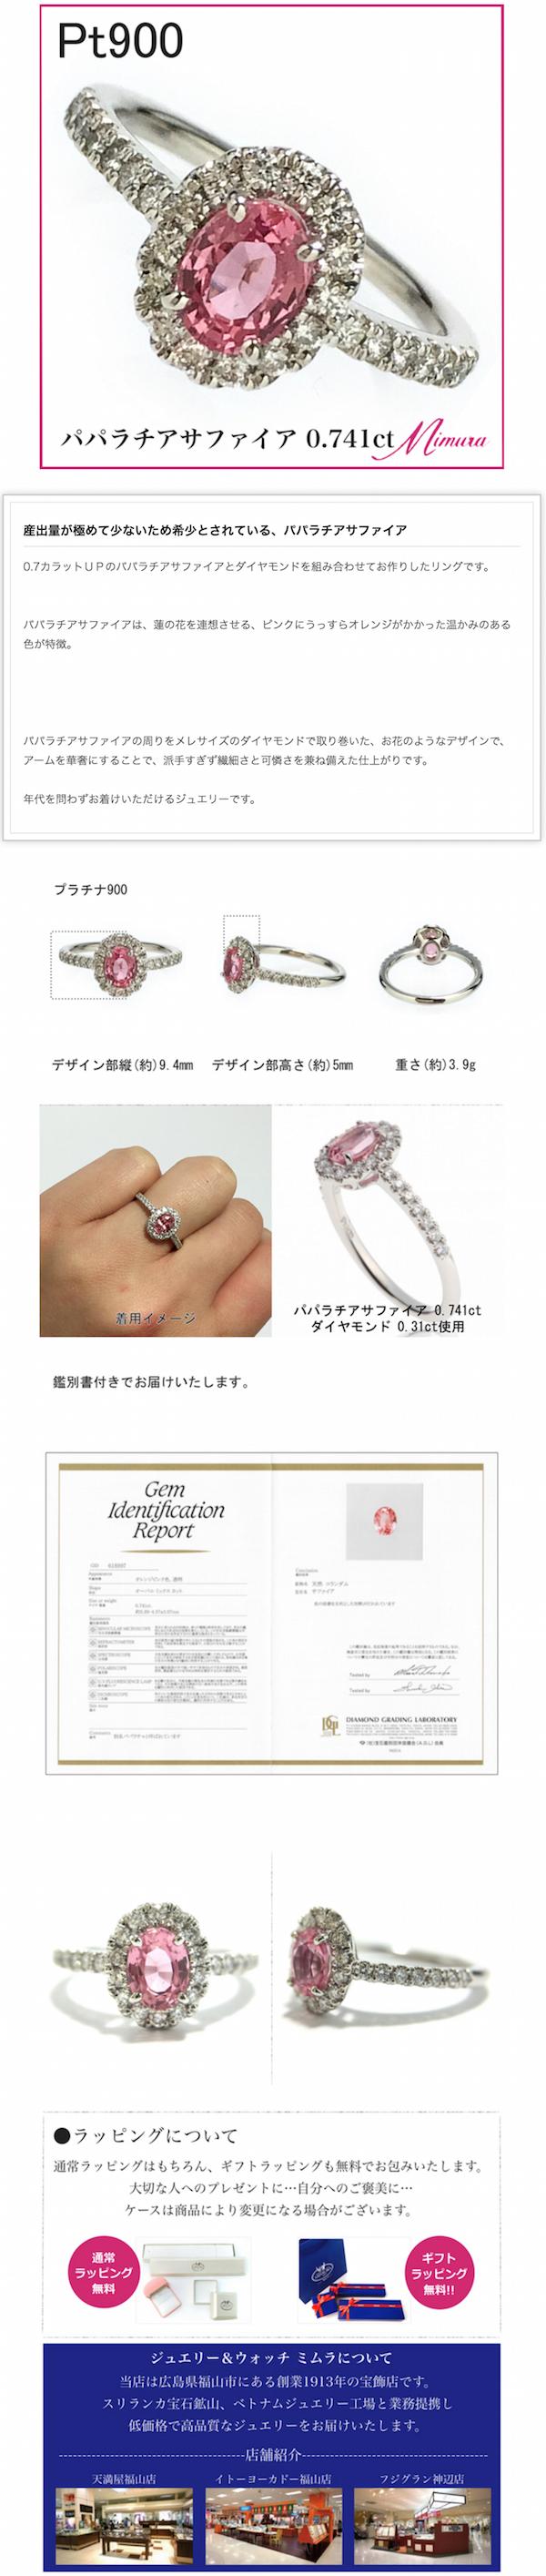 パパラチアサファイアダイヤモンドリング